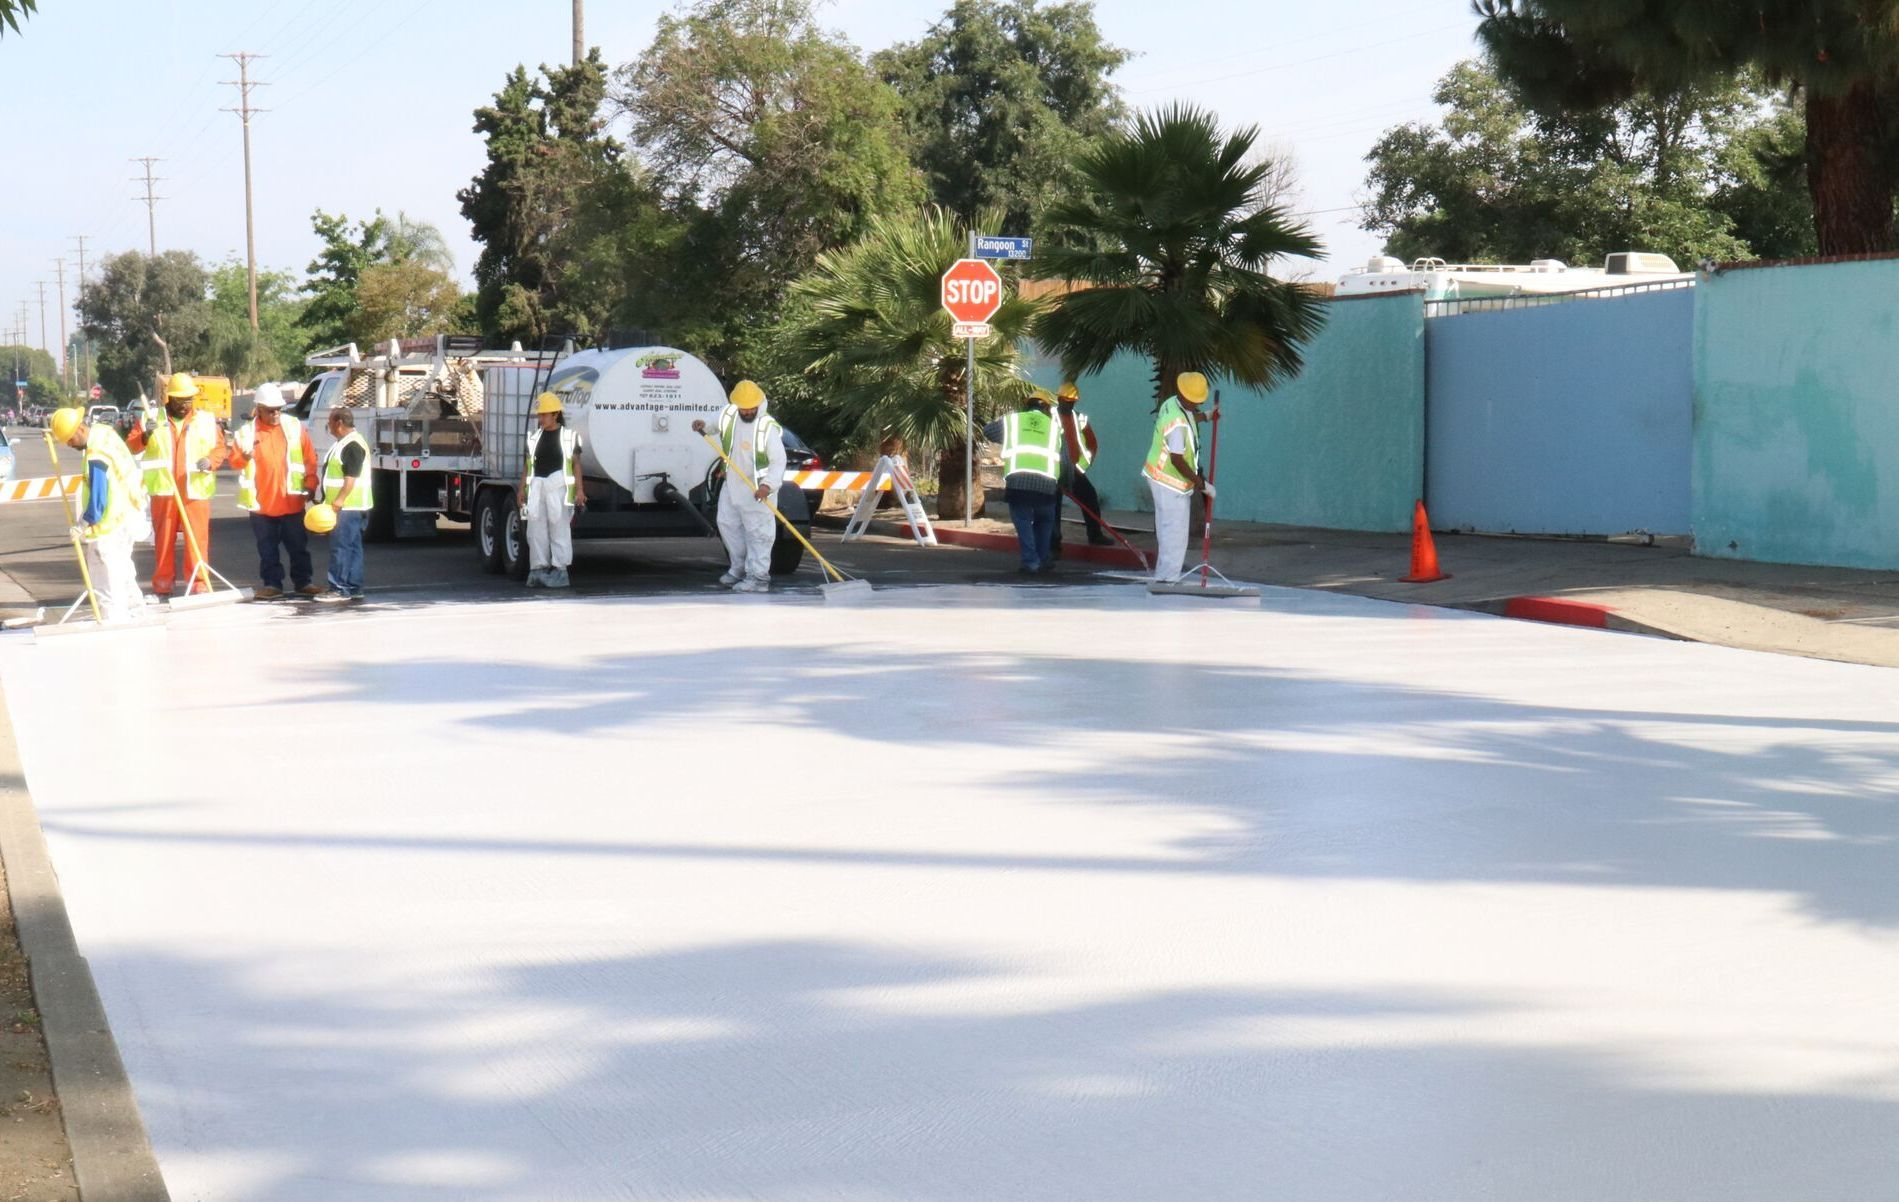 KRITTHVITT: Ifølge LA Street Services vil stoffet de påfører asfalten føre til at solstrålene reflekteres, og bakken ikke blir like varm som uten malingen.